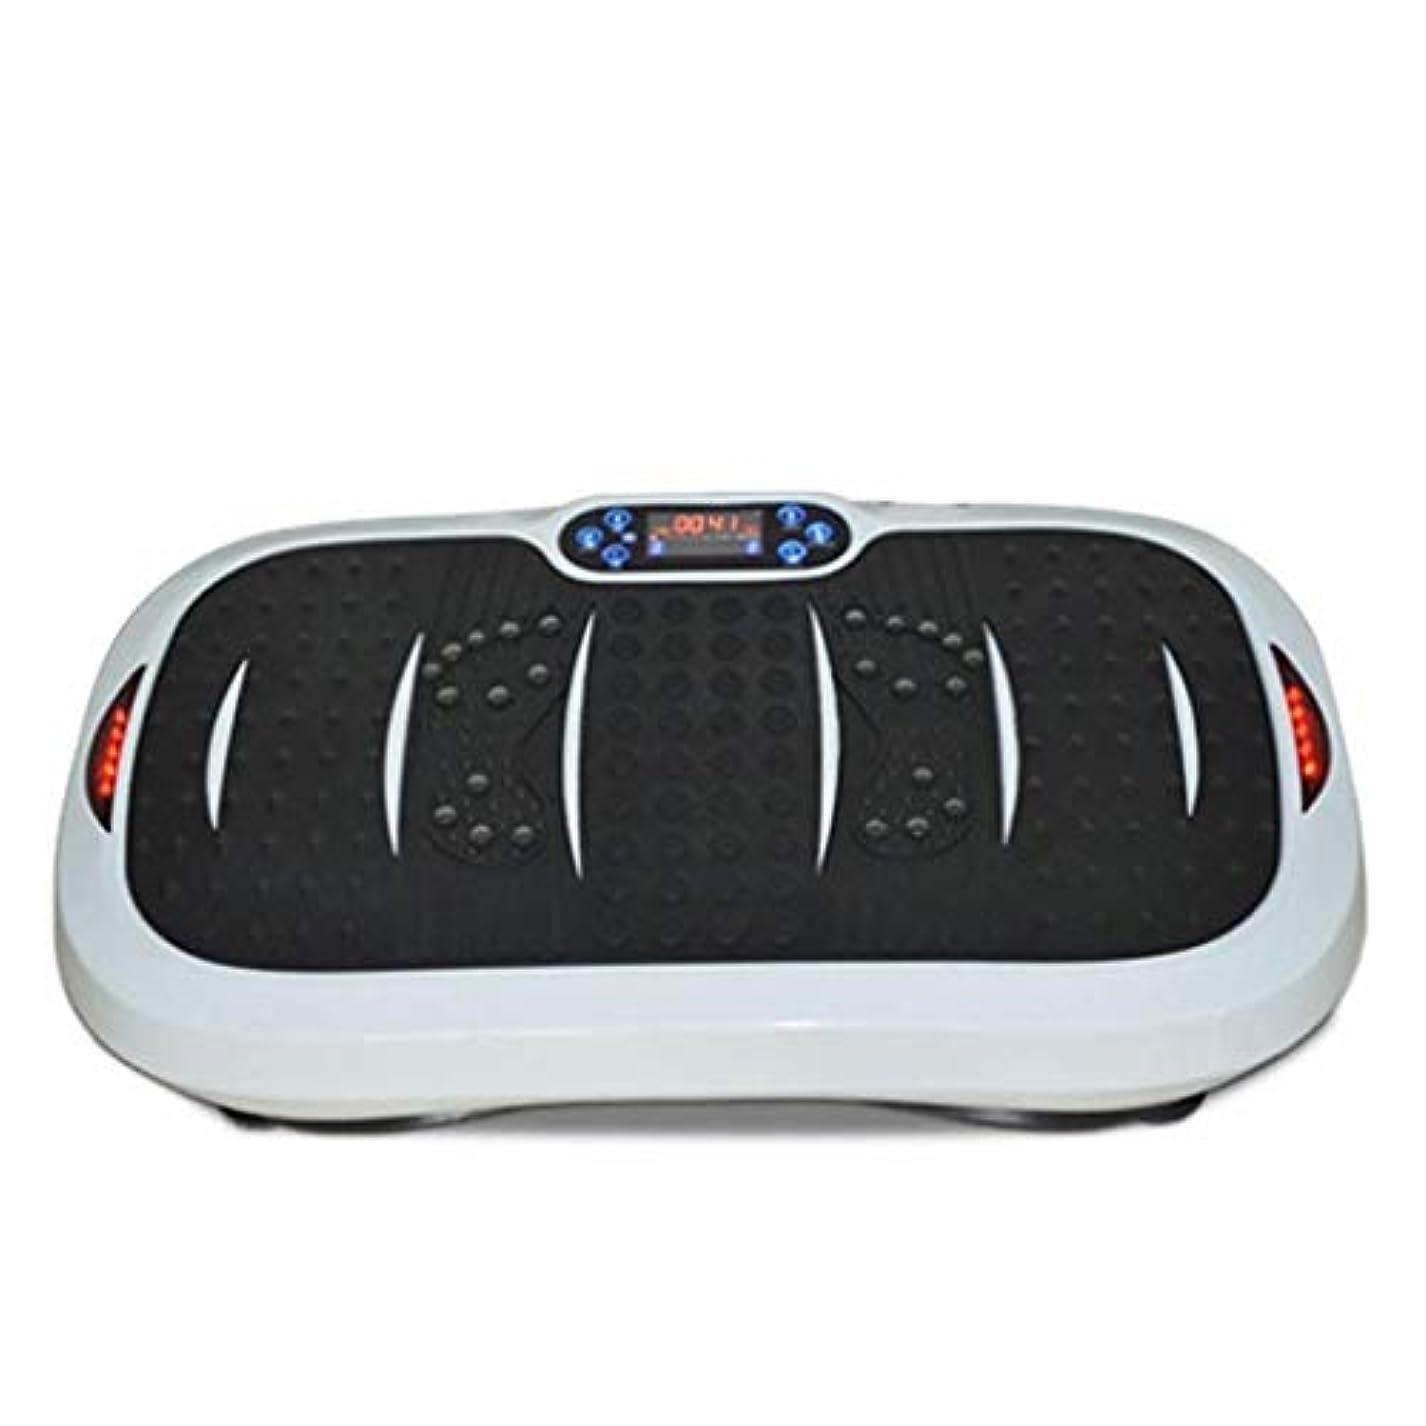 謝罪する何故なのカーフ家庭用減量装置、超薄型振動フィットネストレーナー、スポーツおよび3Dフィットネス振動プレート、USB音楽/スピーカー付き/ 99レベル減速ボディおよびタッチディスプレイ滑り止め表面